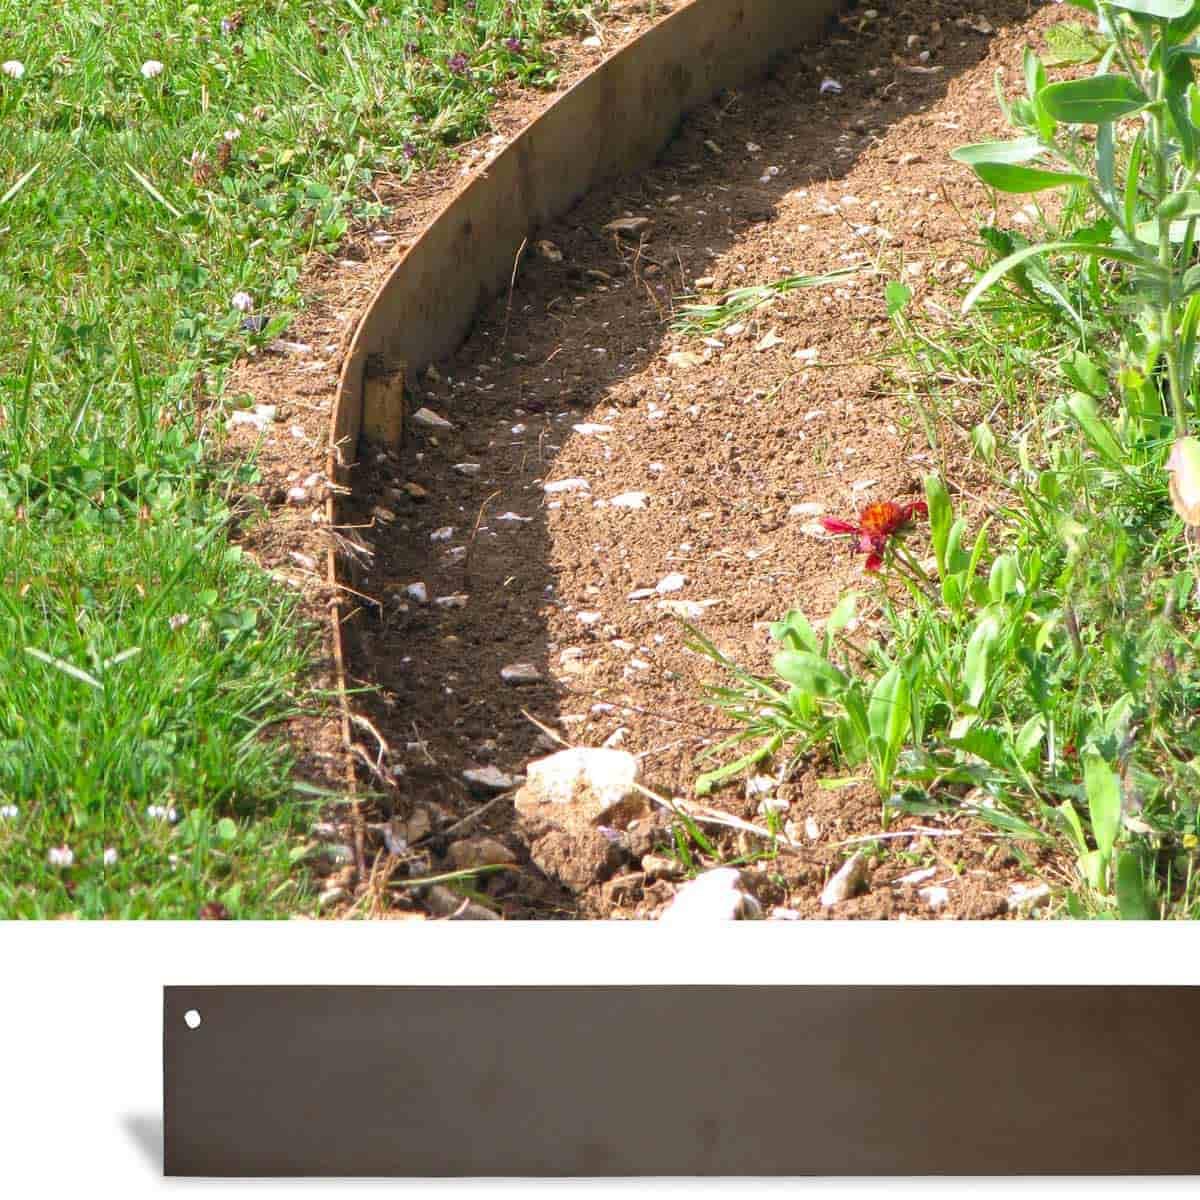 Bordurette De Jardin Métal Acier 1.8M - Lot De 4 destiné Bordure Jardin Caoutchouc